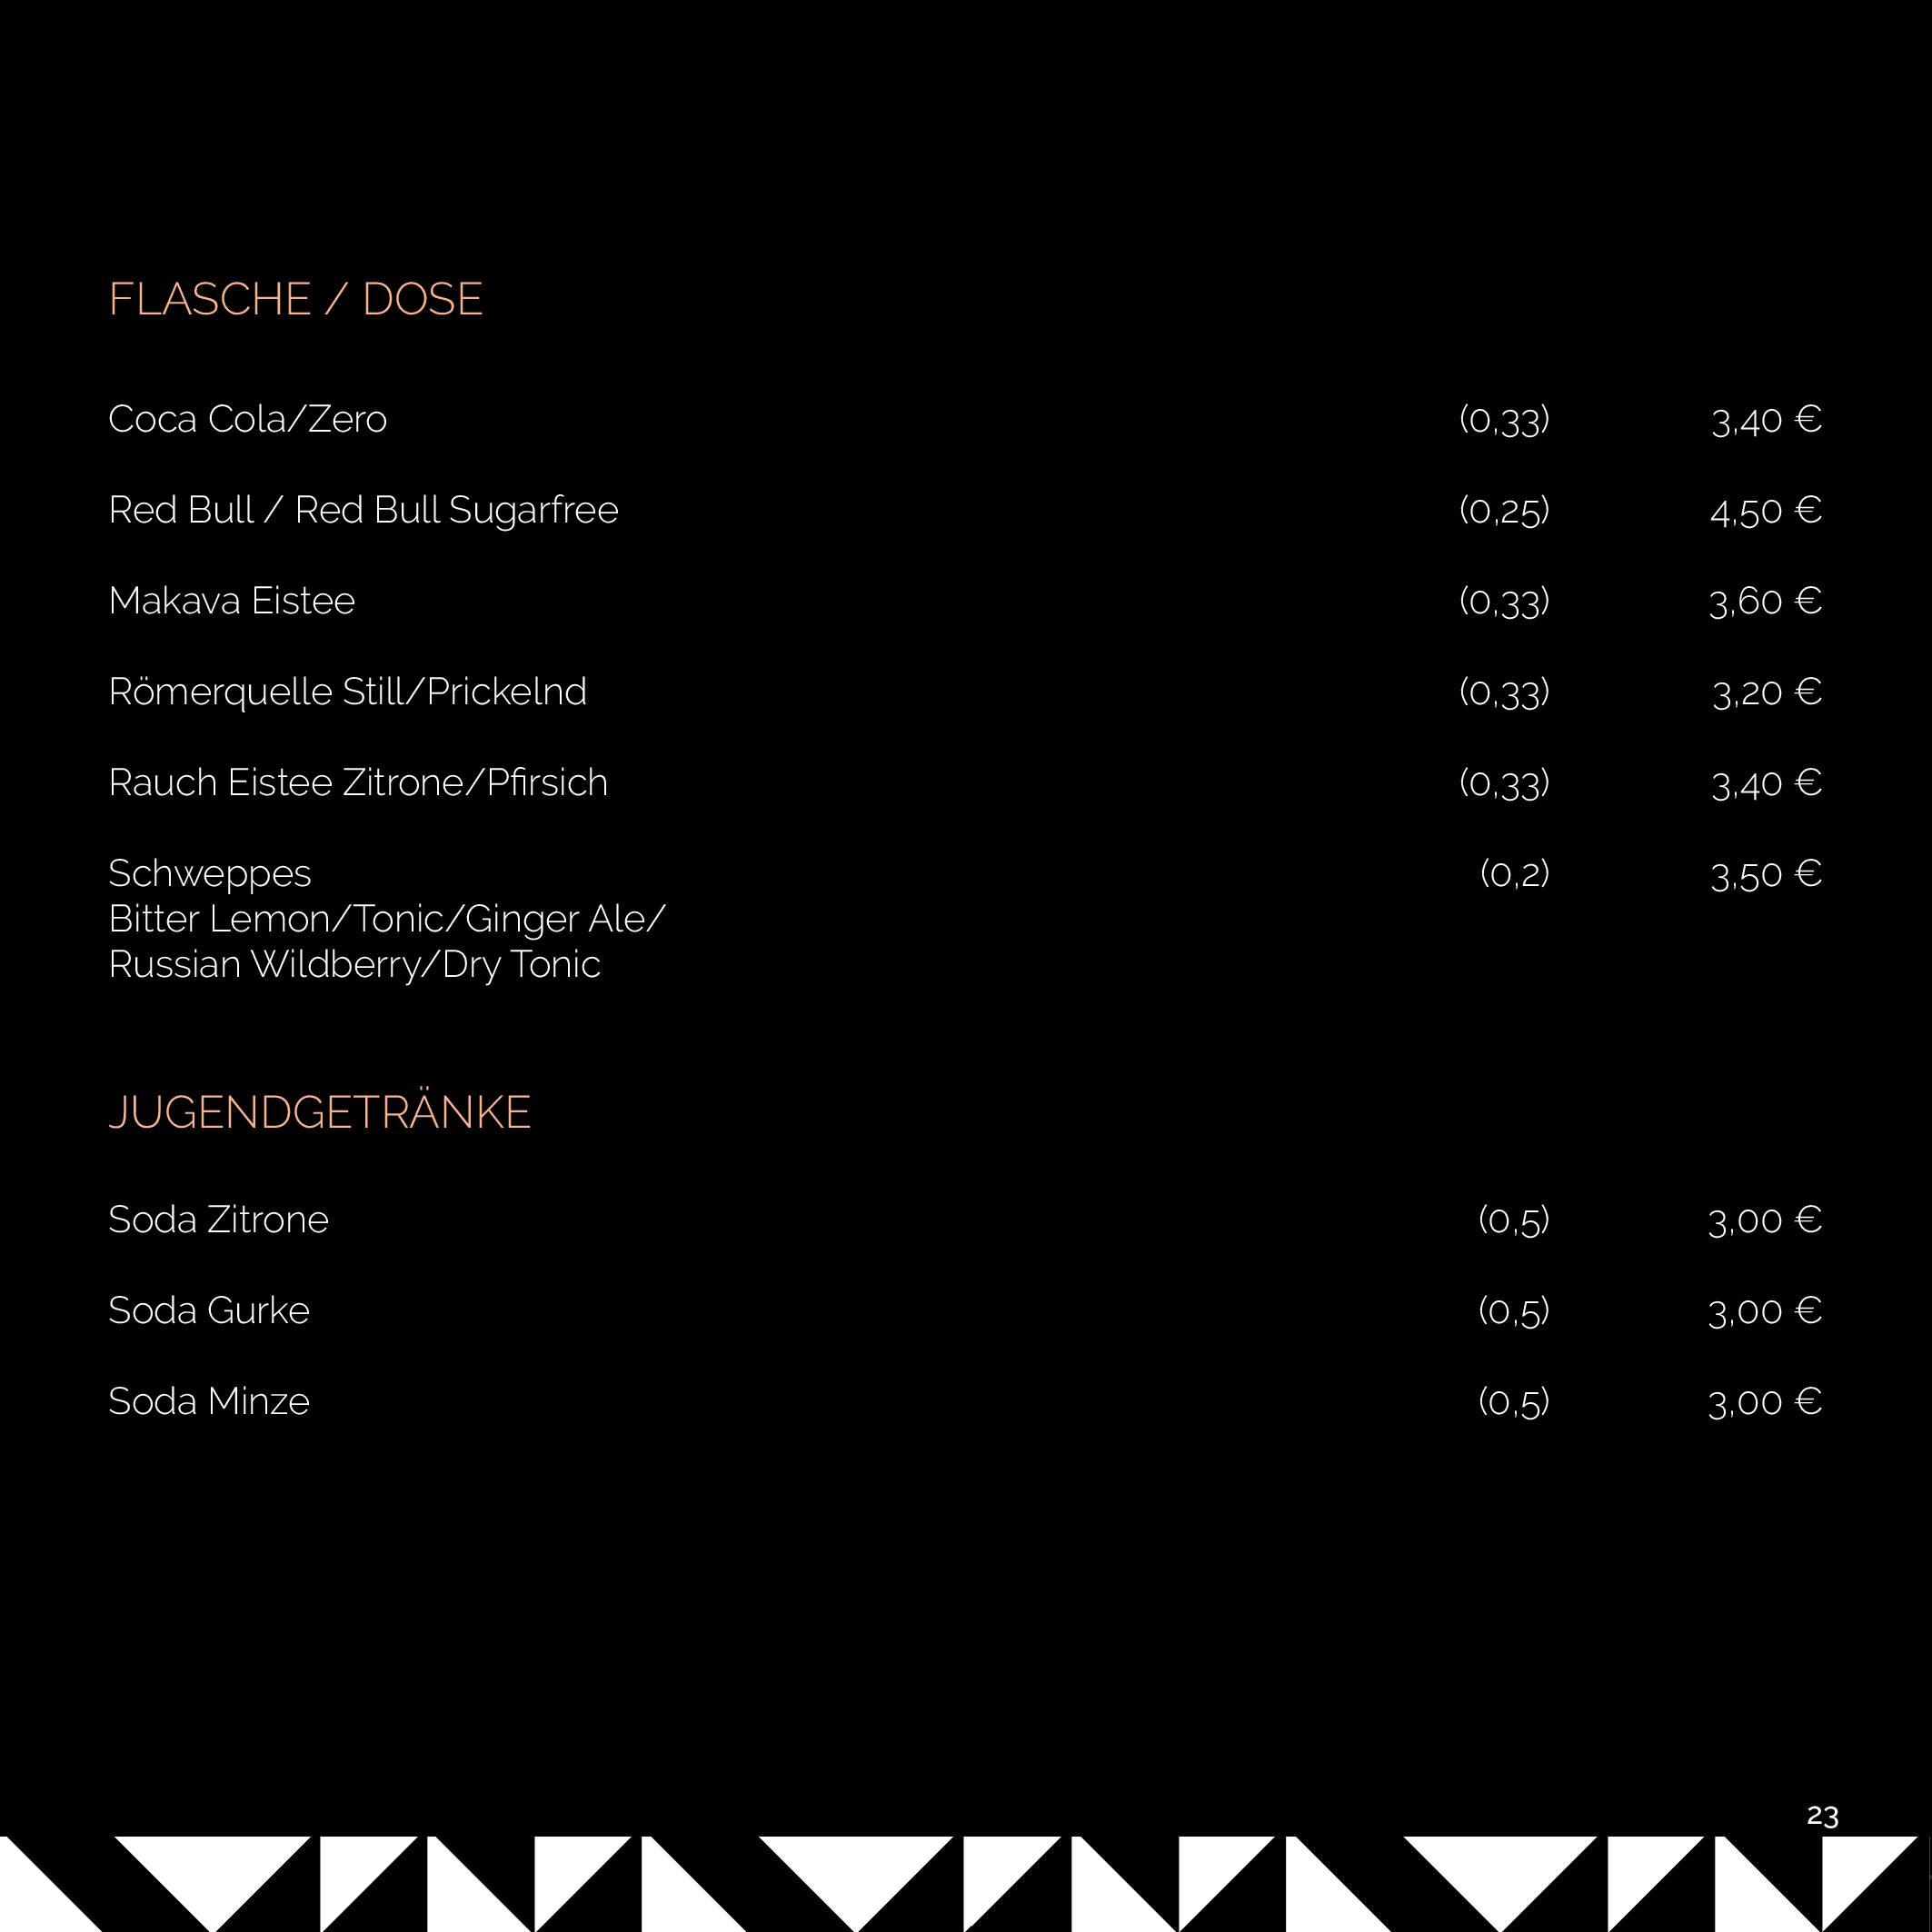 SOHO MENU 2020 BLACK KARE page 023